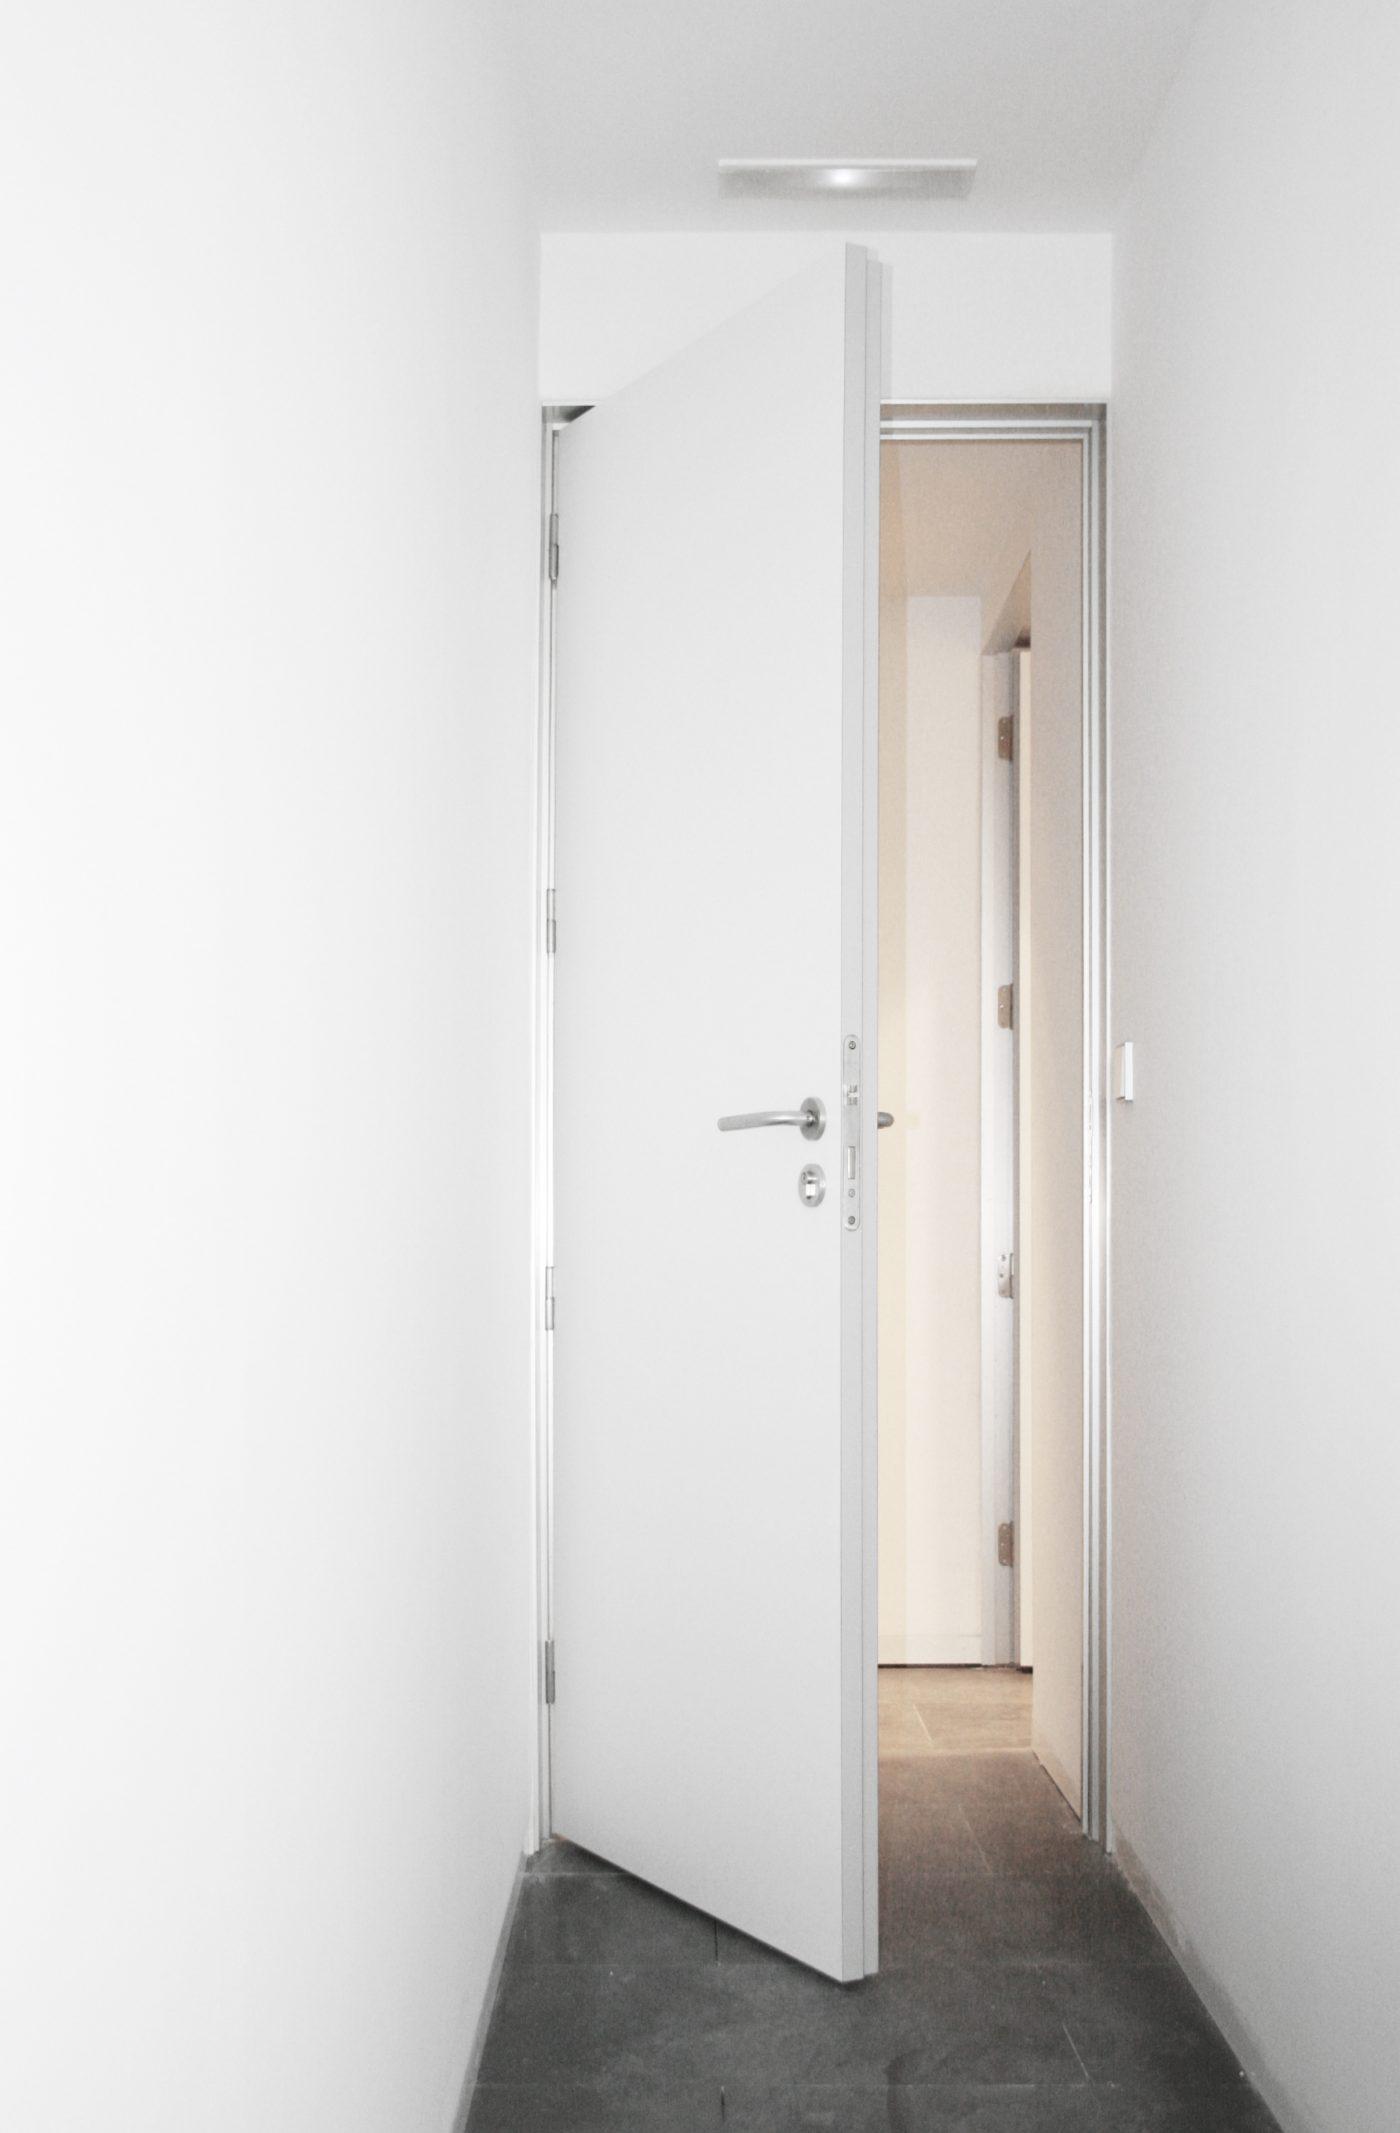 Puertas artevi lacadas en blanco top great limpiar - Puerta lacada en blanco ...